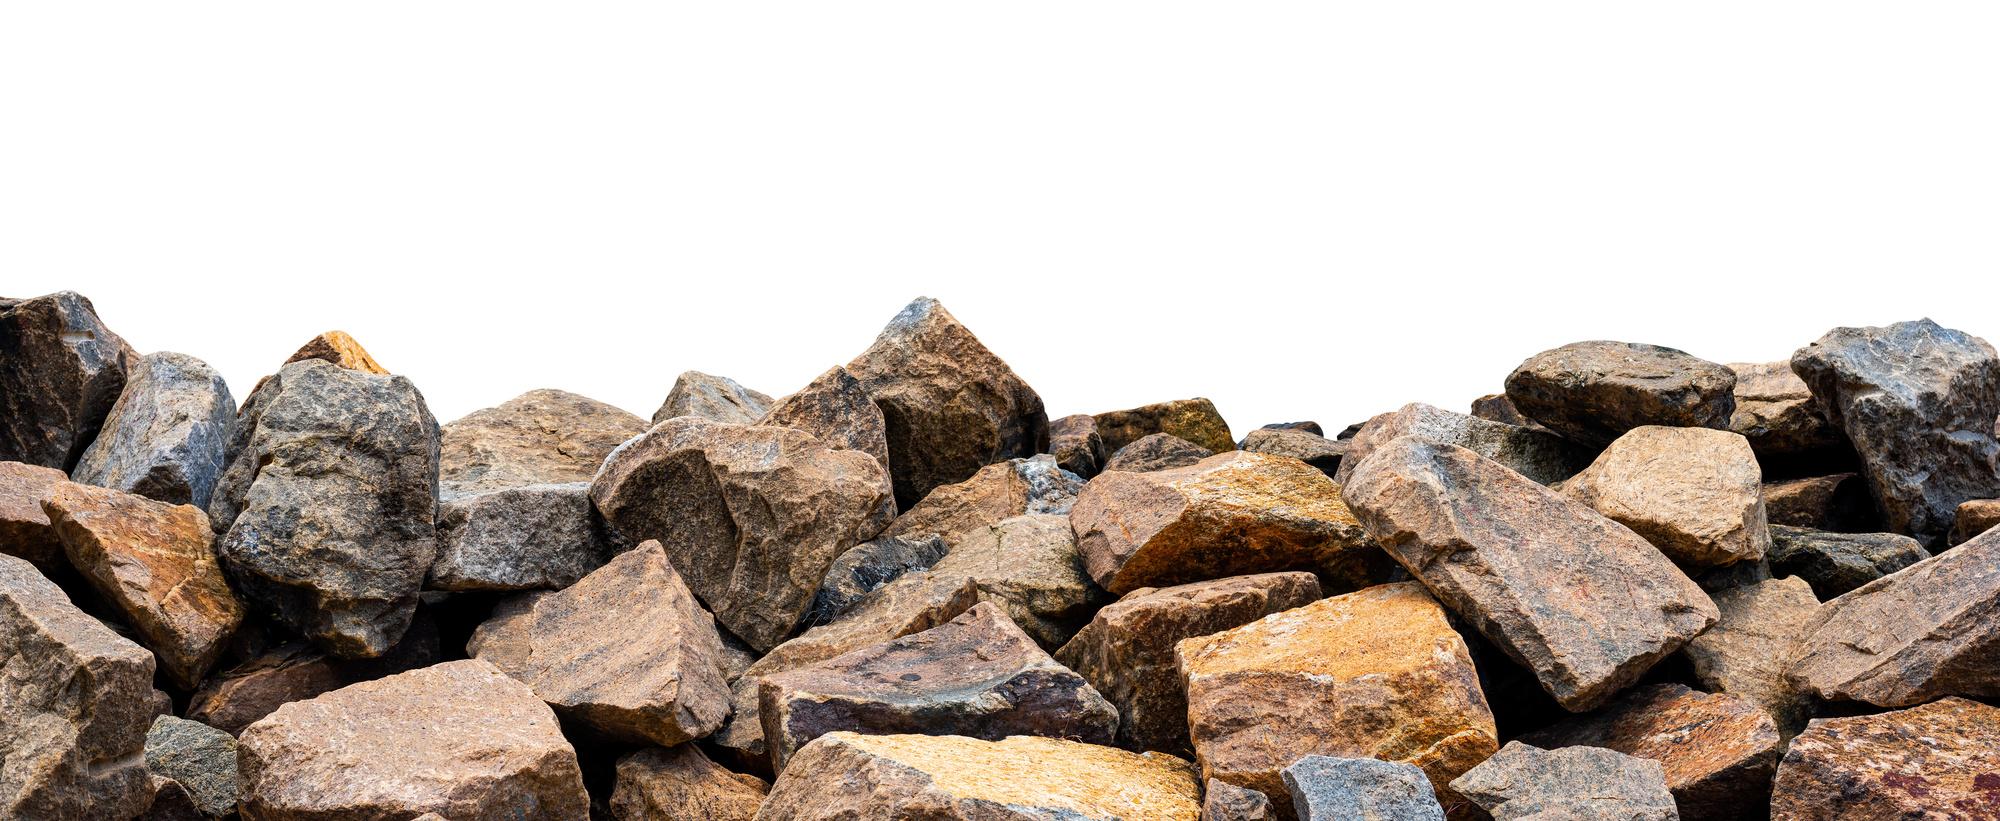 Rockin Landscapes The 5 Best Types Of Landscape Rocks